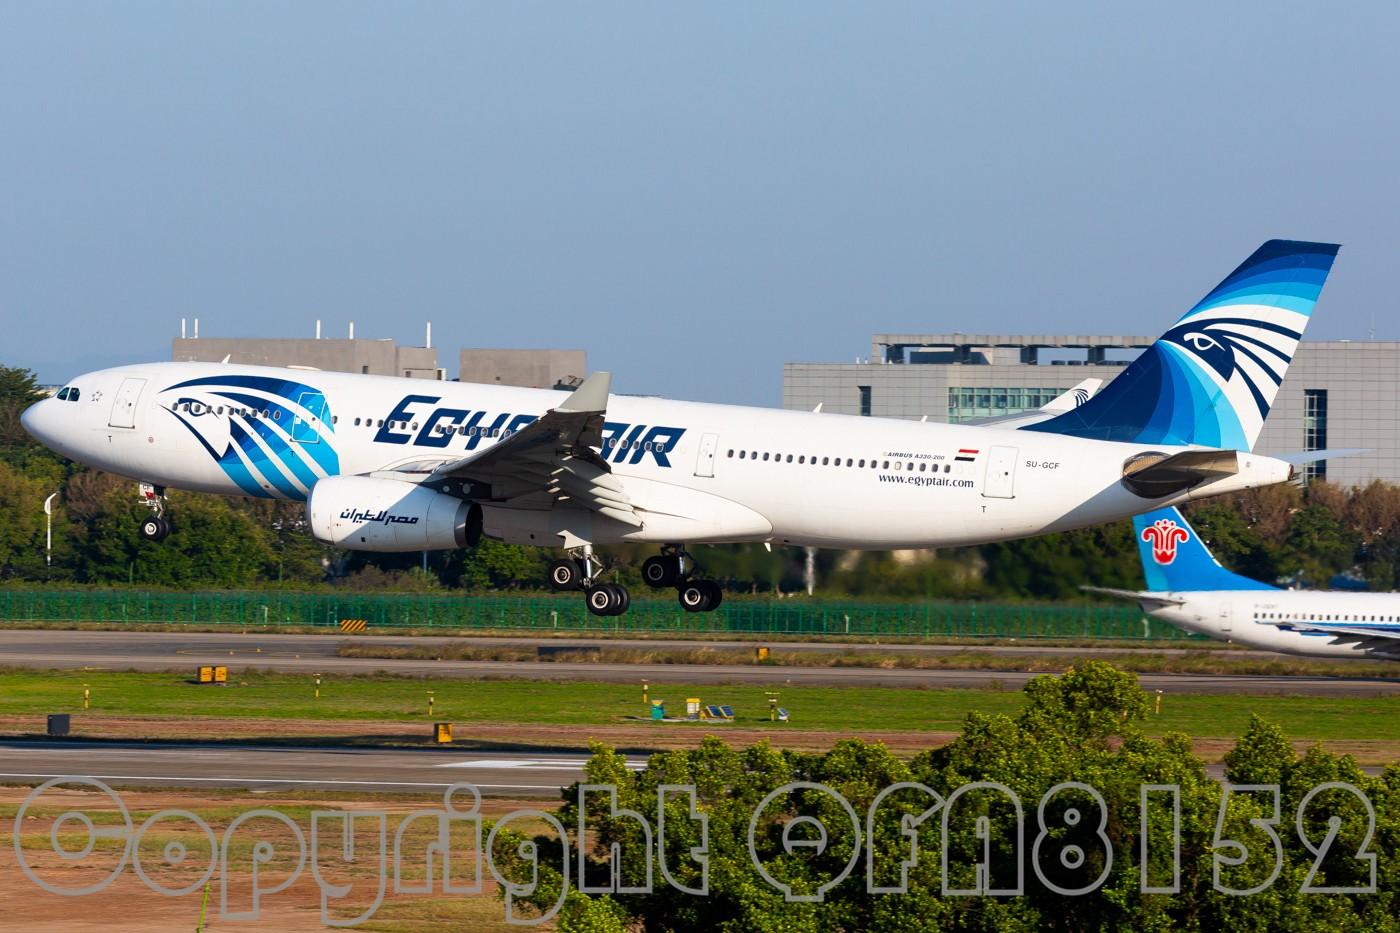 Re:[原创]现在发图好像有钱拿了? AIRBUS A330-200 SU-GCF 中国广州白云国际机场